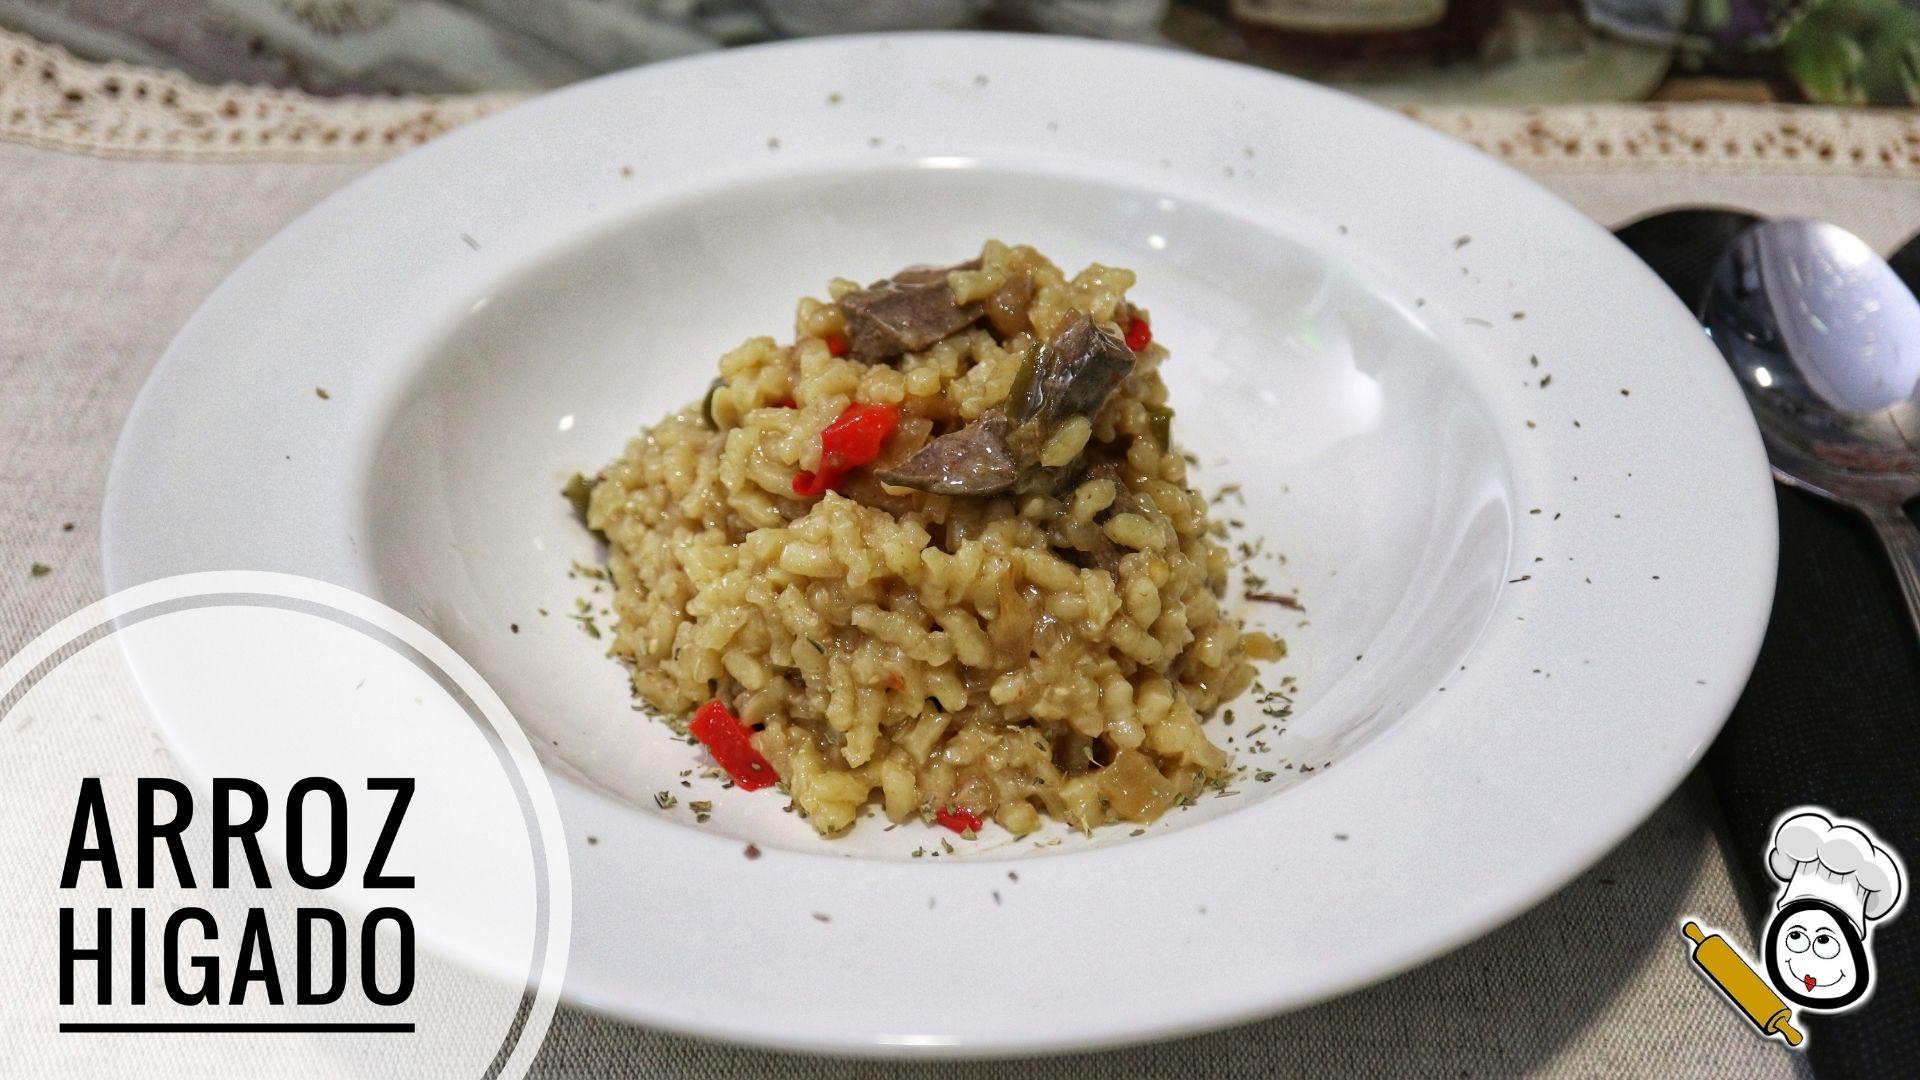 Cómo hacer arroz con hígado de recetas caseras